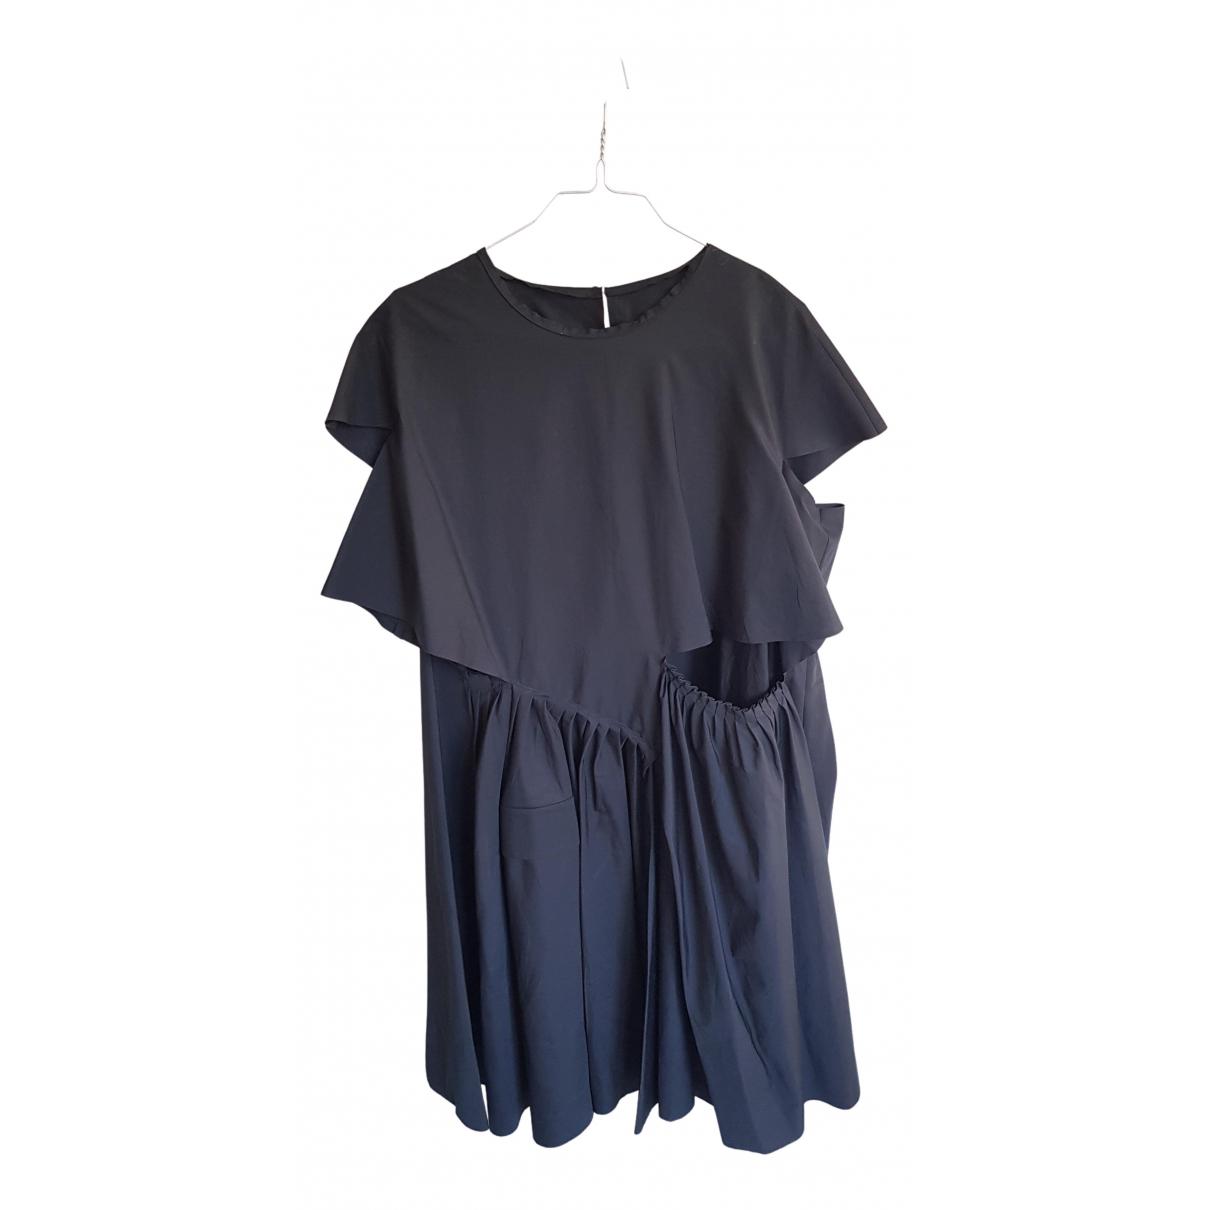 Maison Martin Margiela \N Kleid in  Schwarz Baumwolle